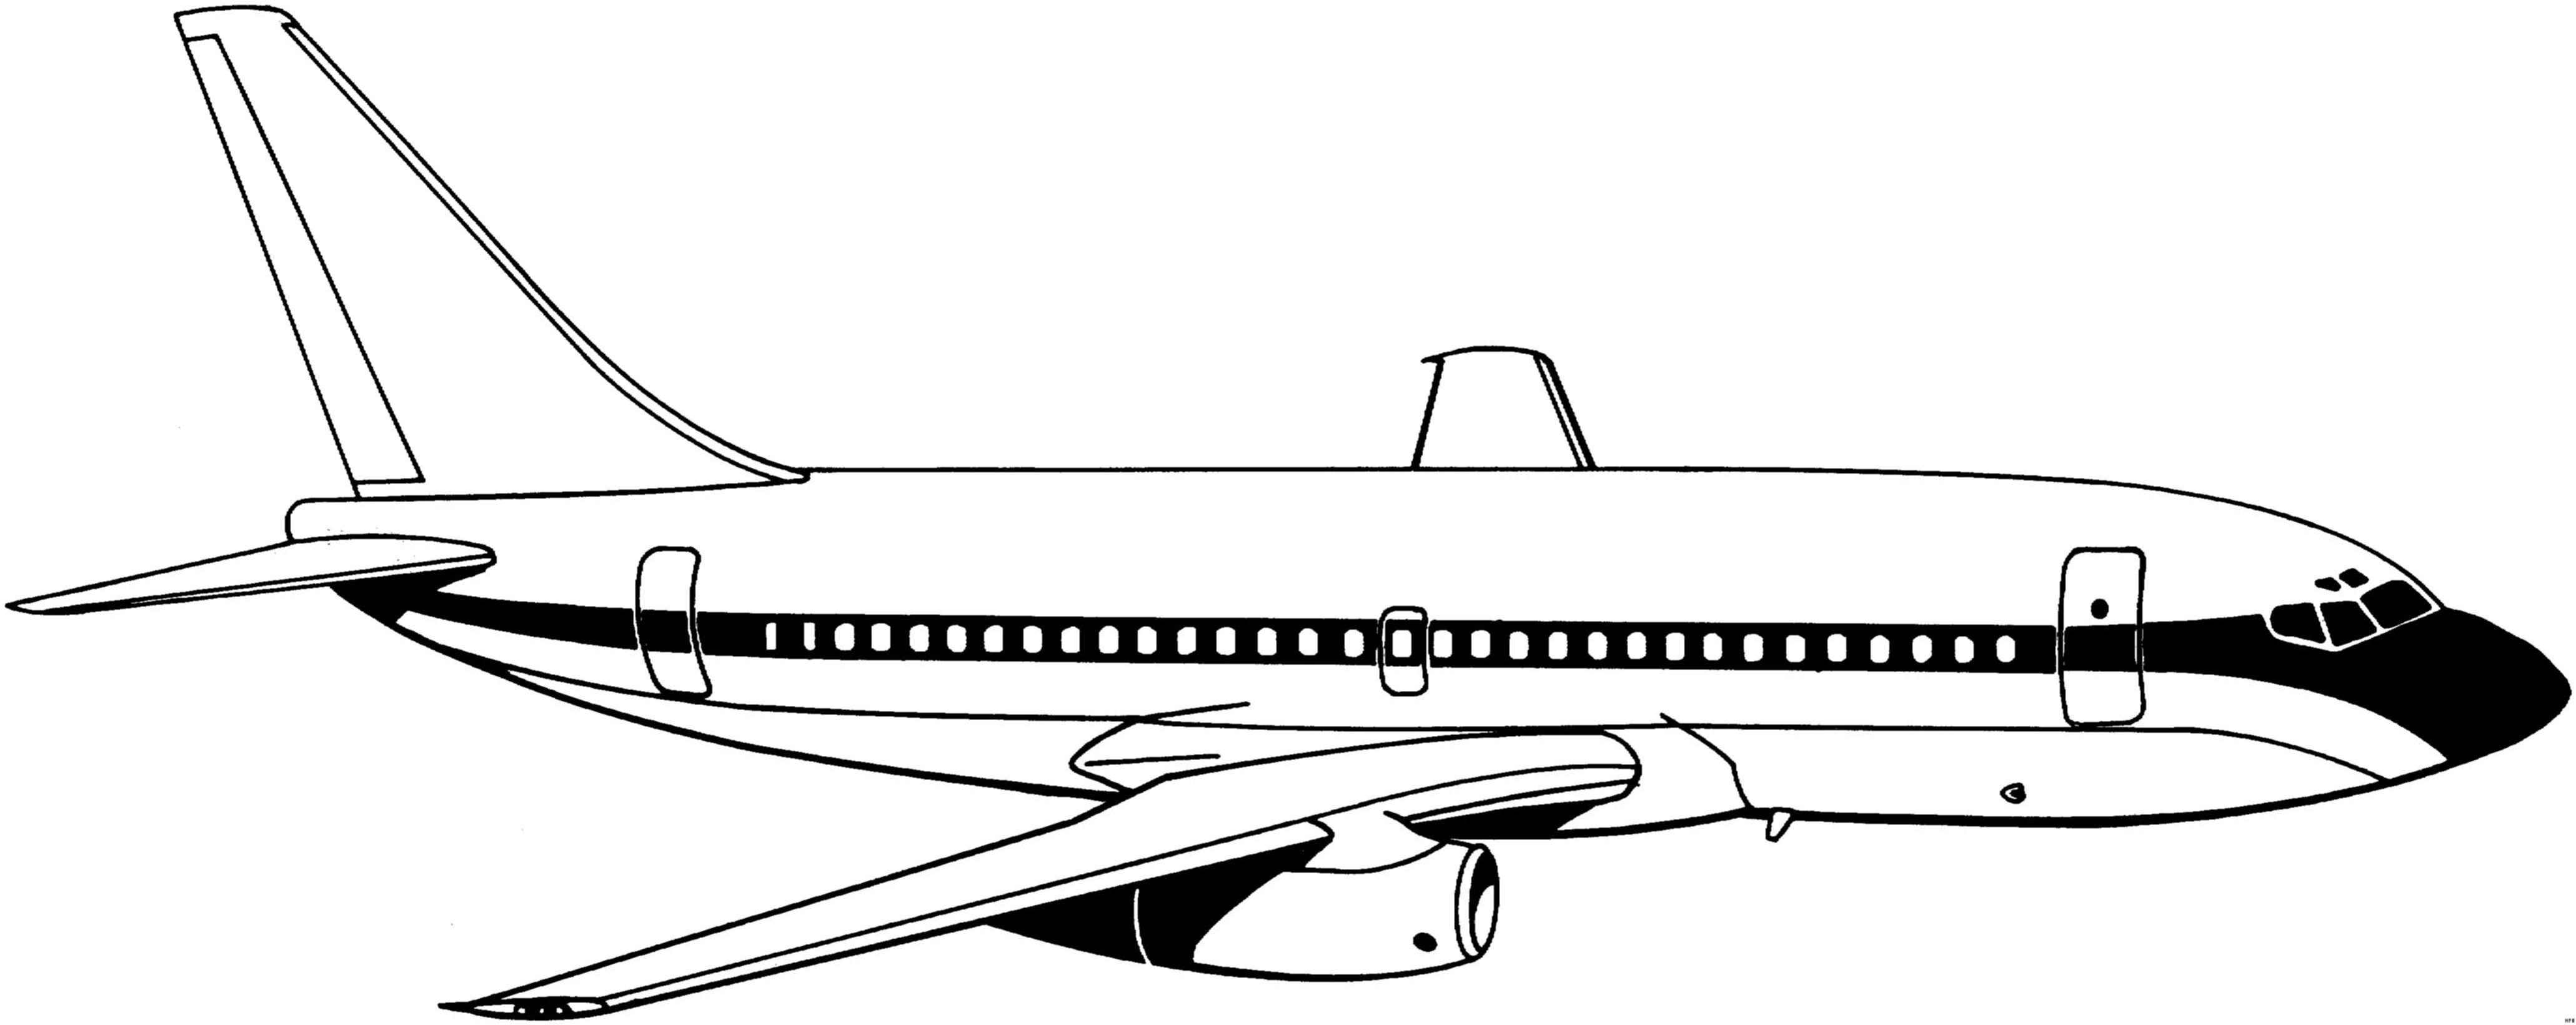 Flugzeug Ausmalbilder  Ausmalbilder flugzeug kostenlos Malvorlagen zum